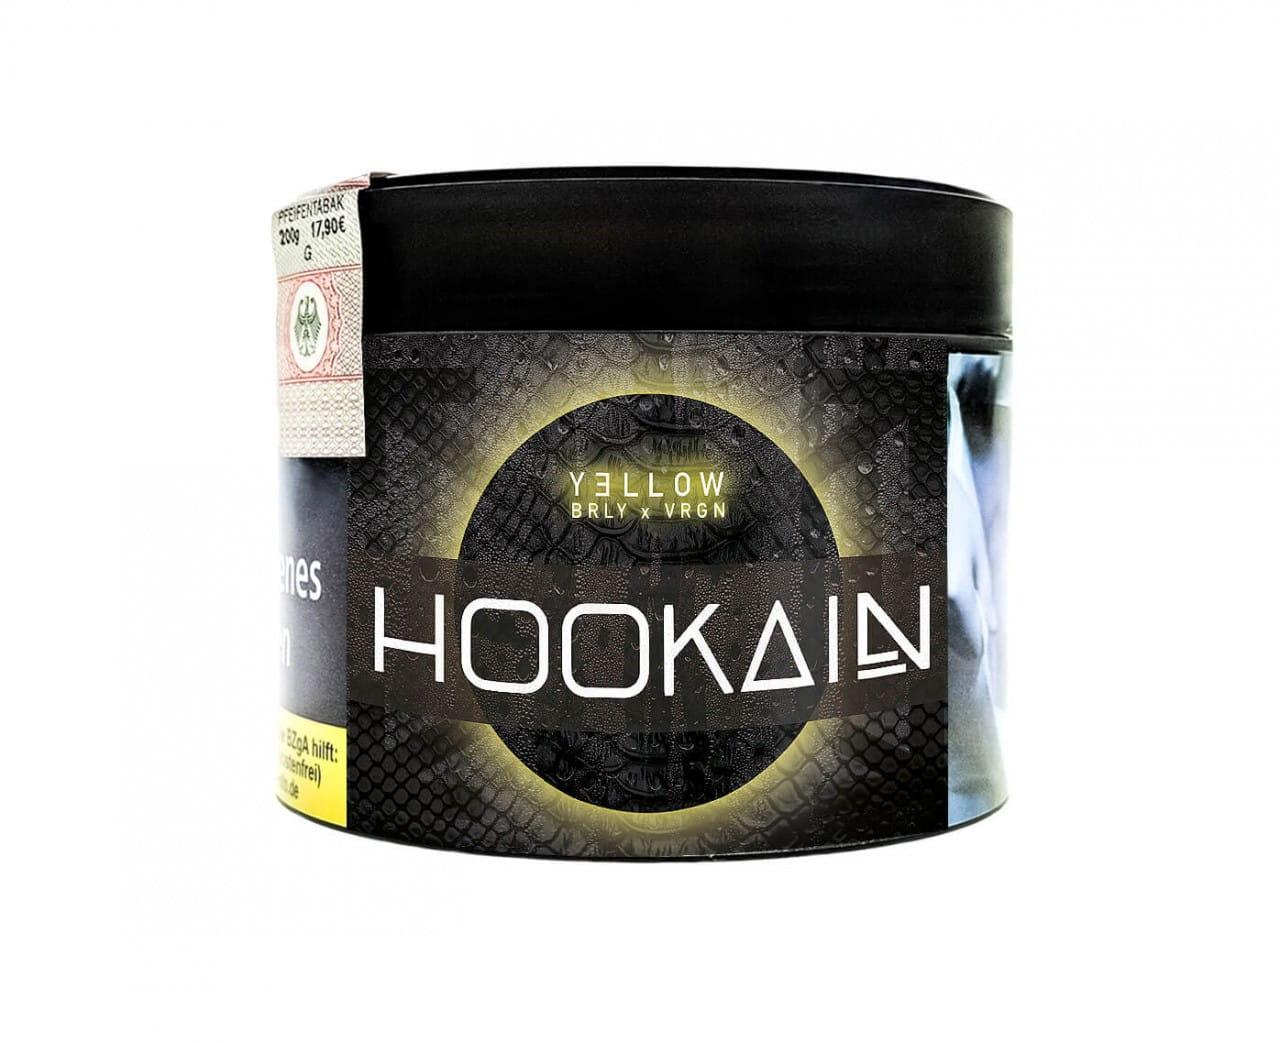 Hookain Burley Tabak - Yellow 200 g